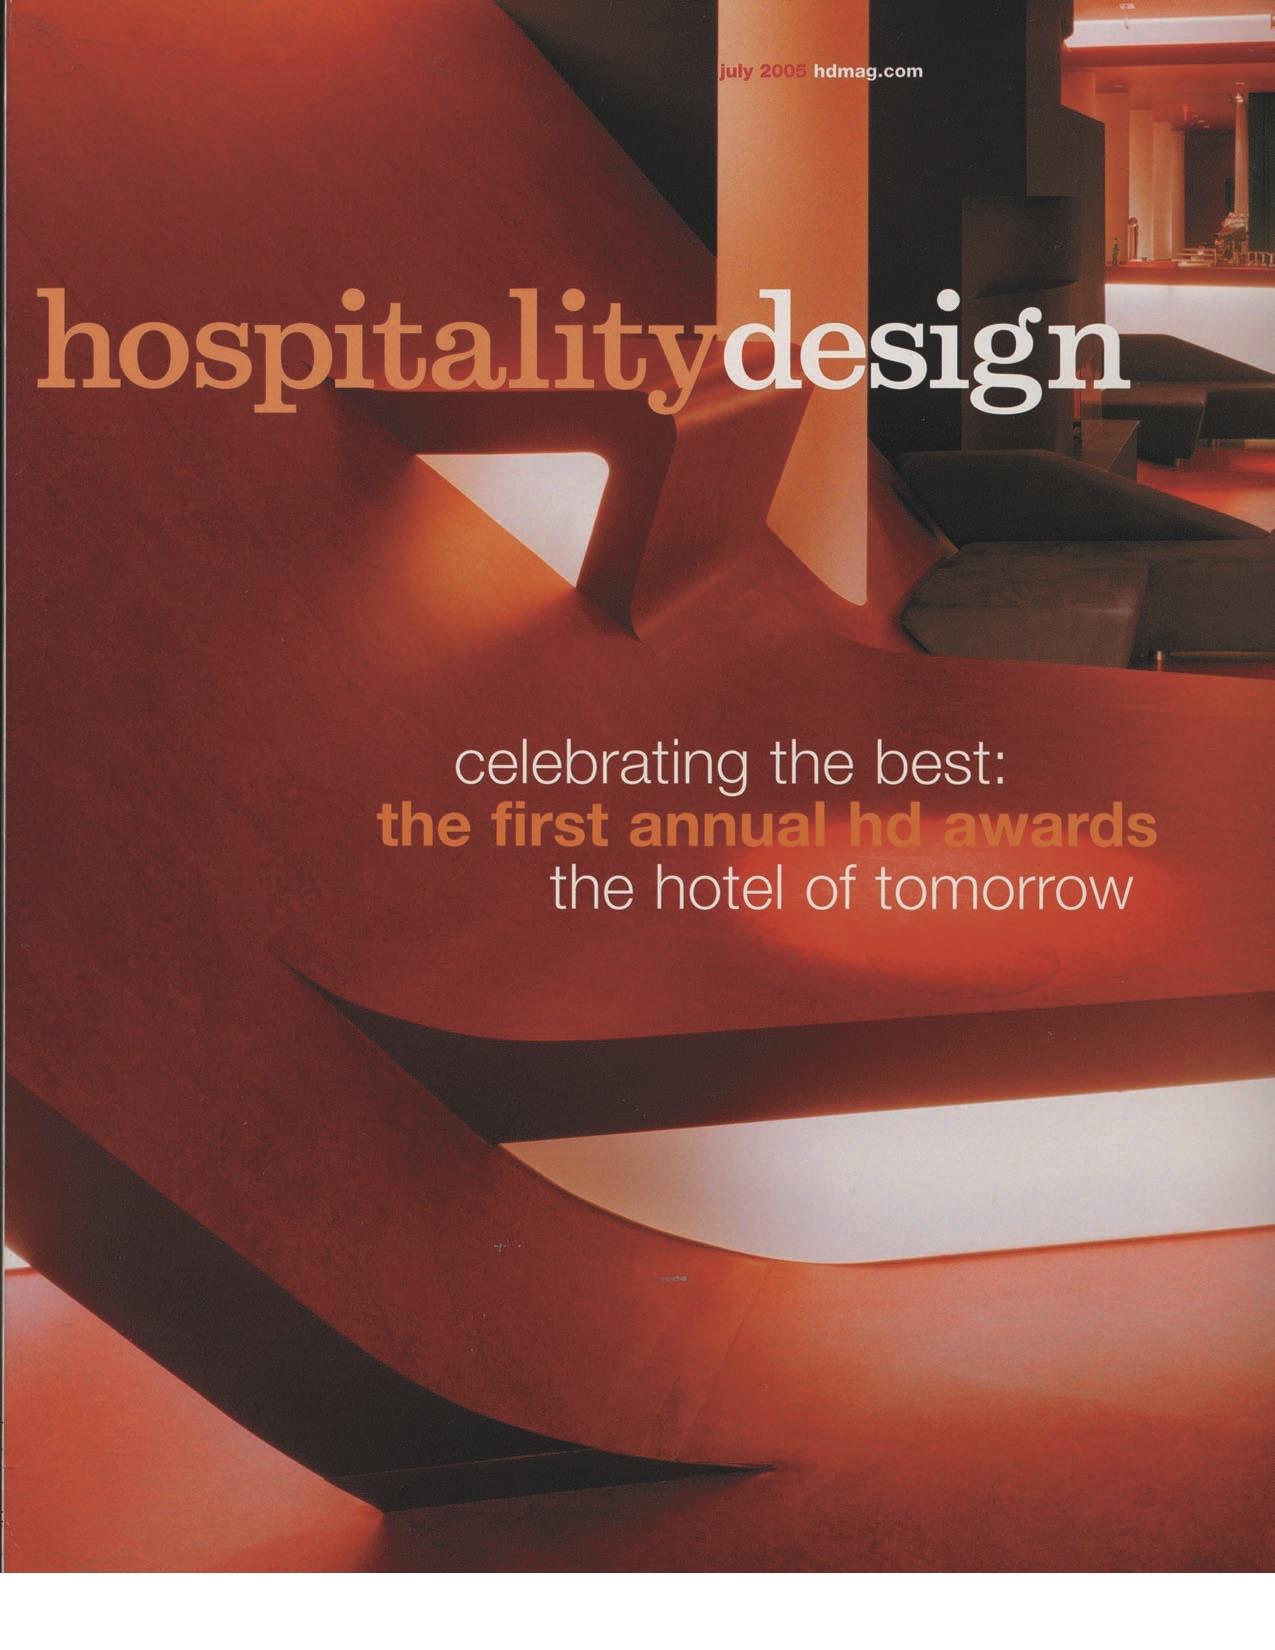 03.05 HOSPITALITY DESIGN (JUAN VALDEZ FLAGSHIP CAFE)